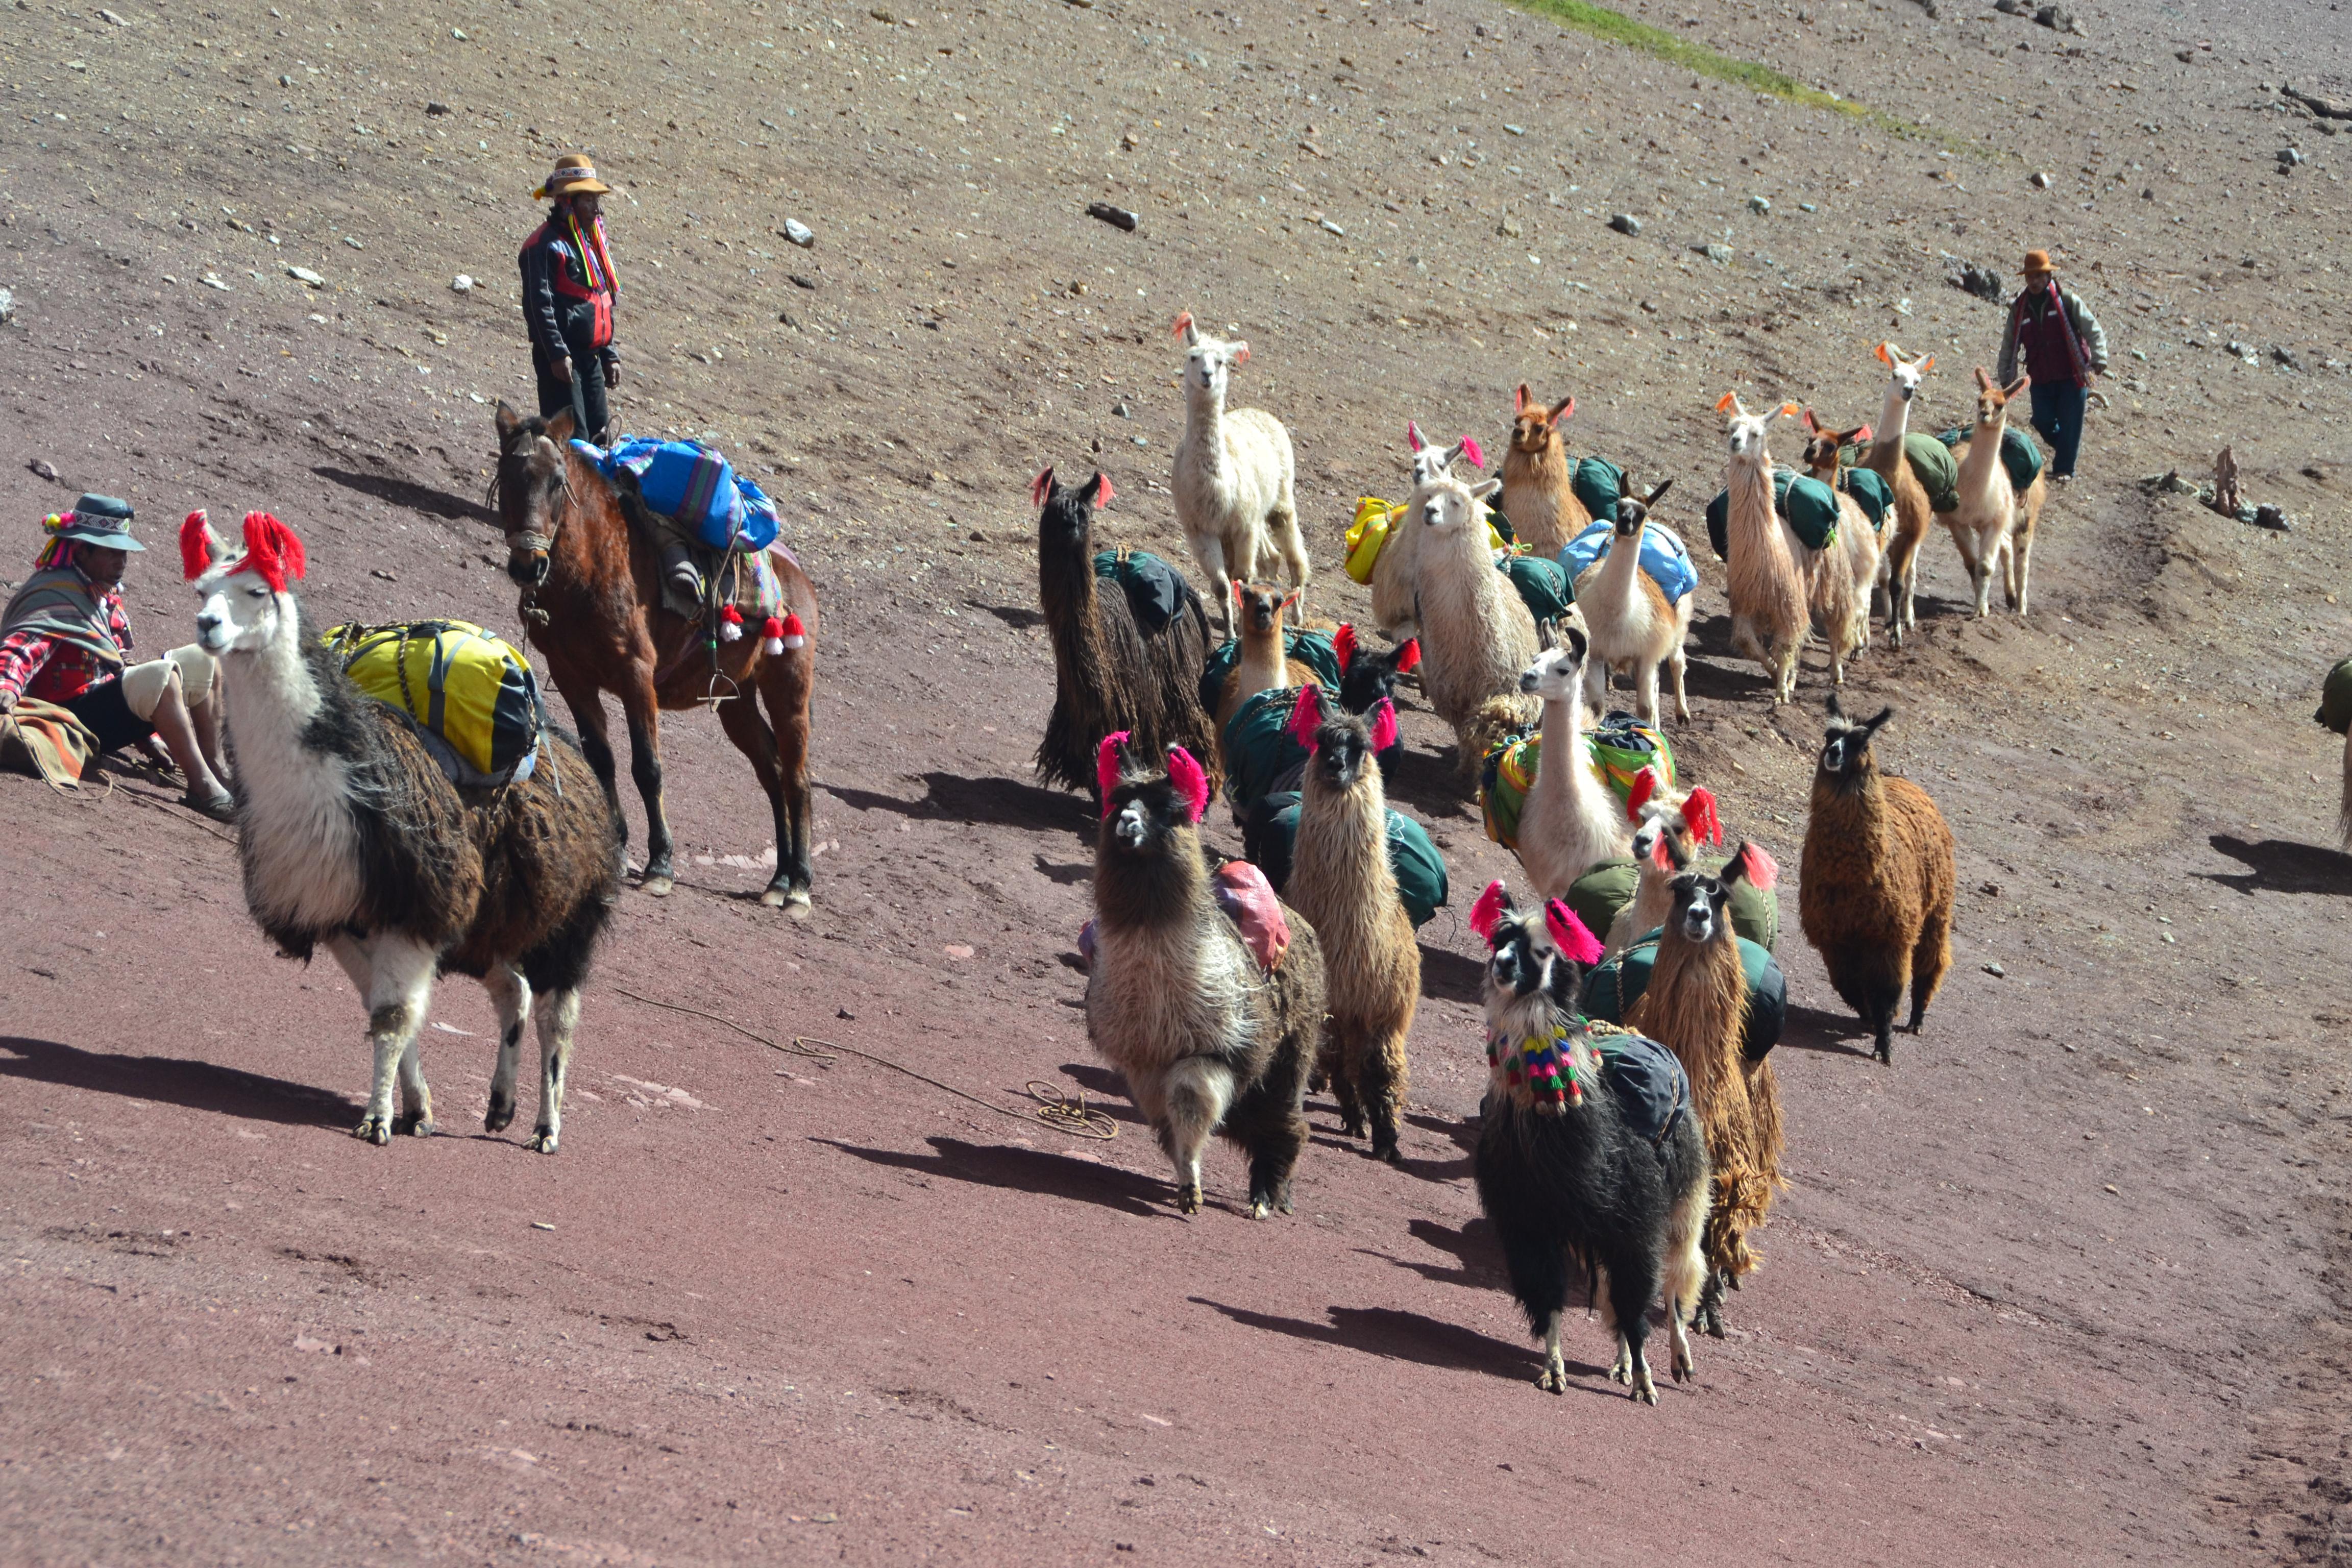 La ruta del Apu Ausangate: tradición en los Andes peruanos